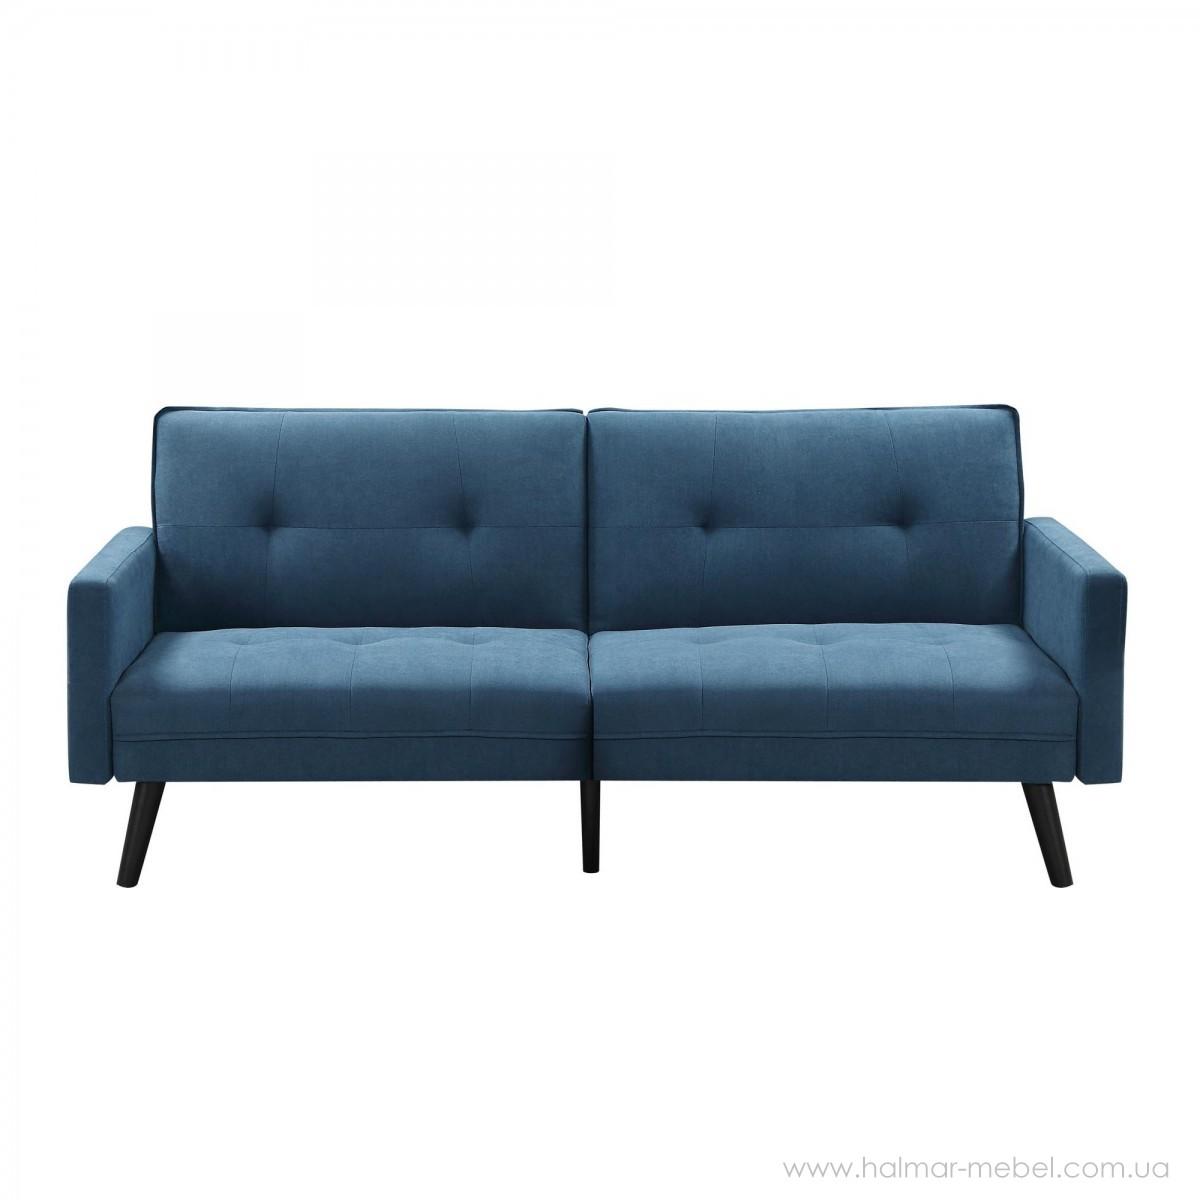 Раскладной диван с подставкой для ног CORNER синий HALMAR